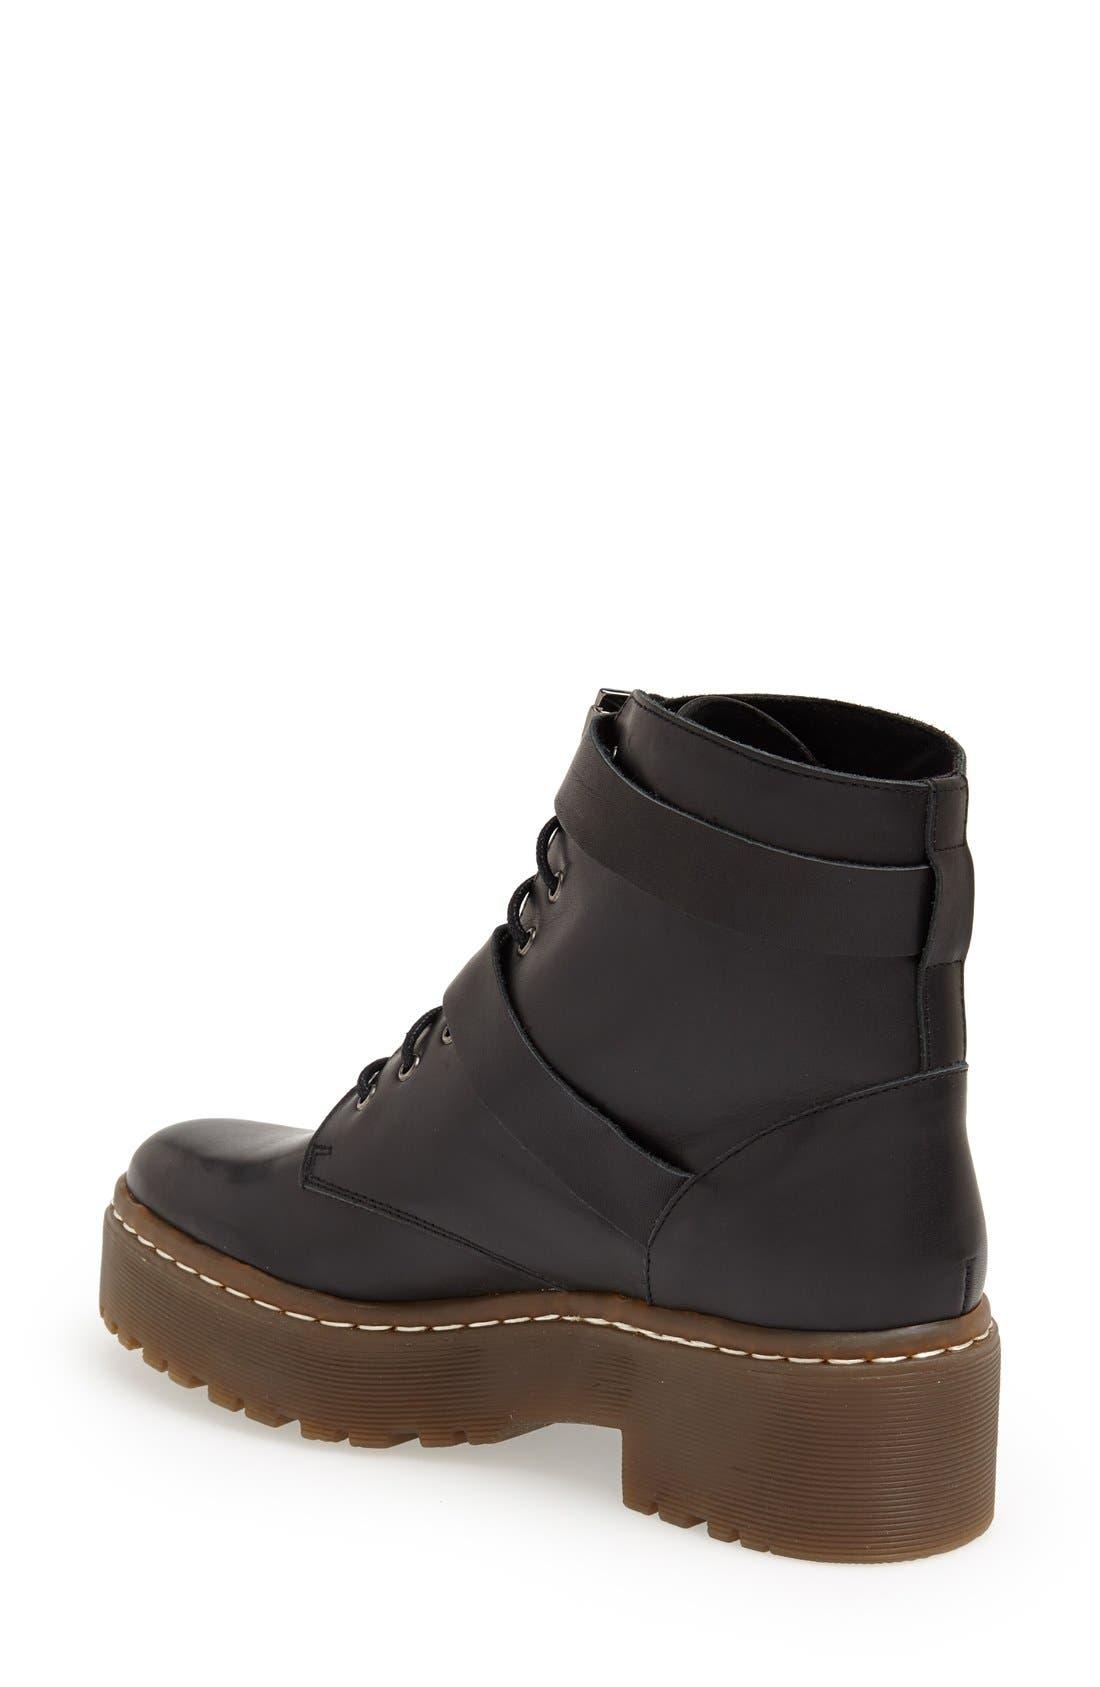 Alternate Image 2  - Topshop 'Auction' Lace-Up Platform Boot (Women)